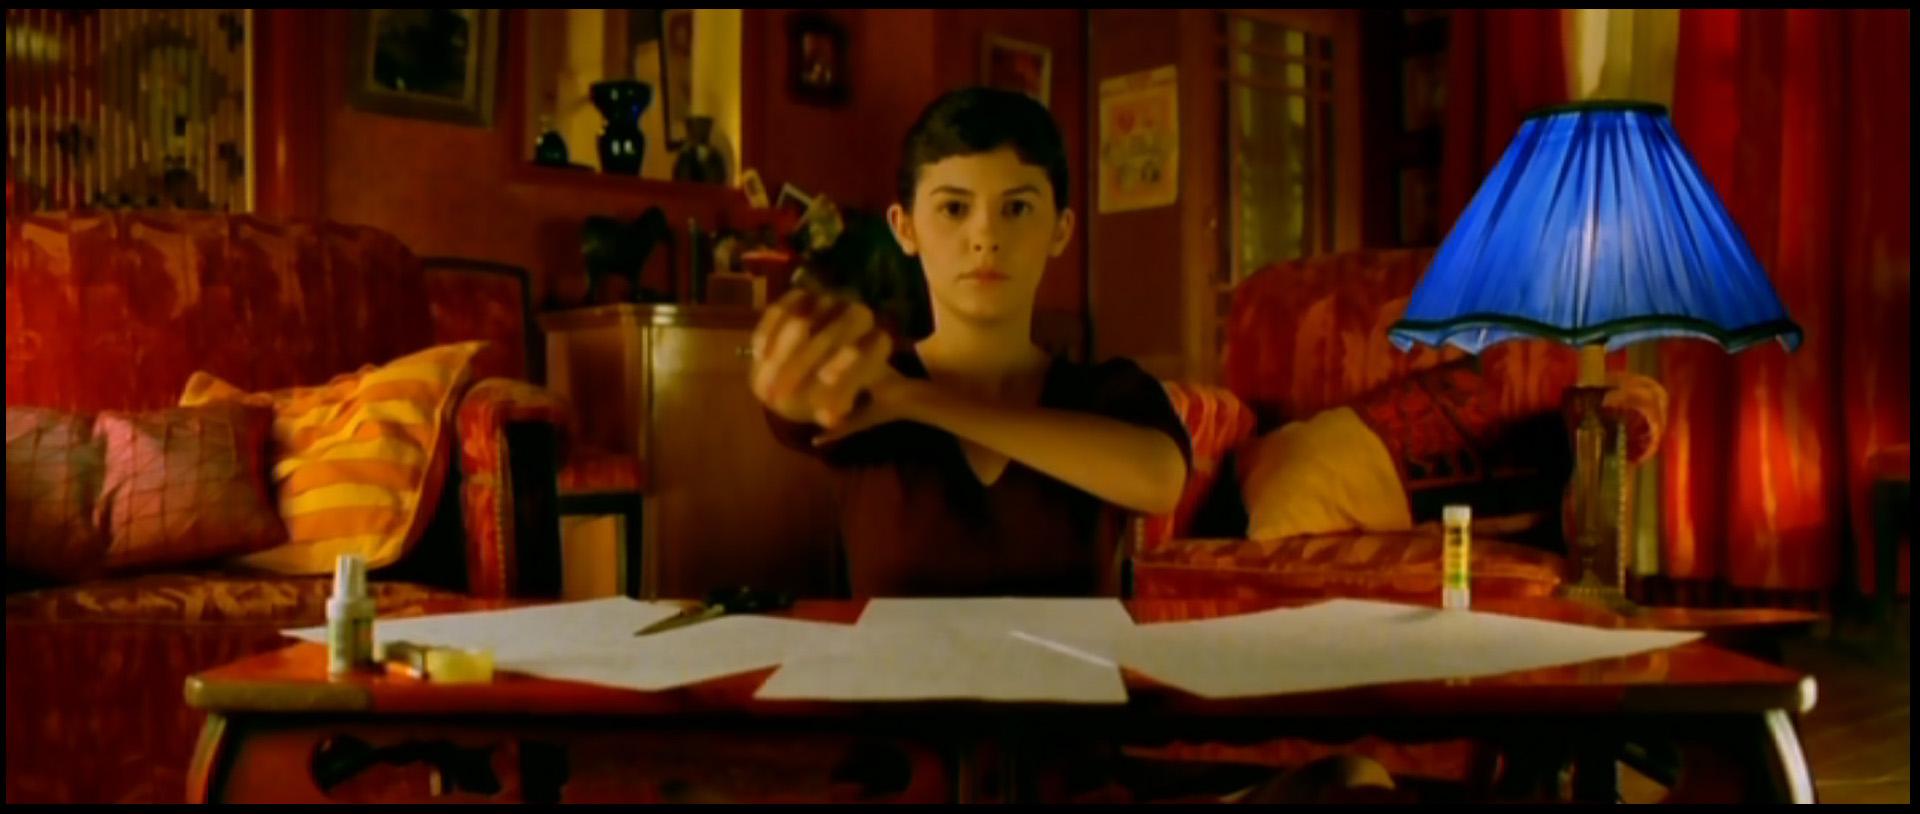 """""""Amélie Poulain"""": o diretor Jean-Pierre Jeunet usou a atmosfera lúdico-cromática de Machado como fonte de pesquisa para a direção de arte do filme (Foto: Divulgação)"""